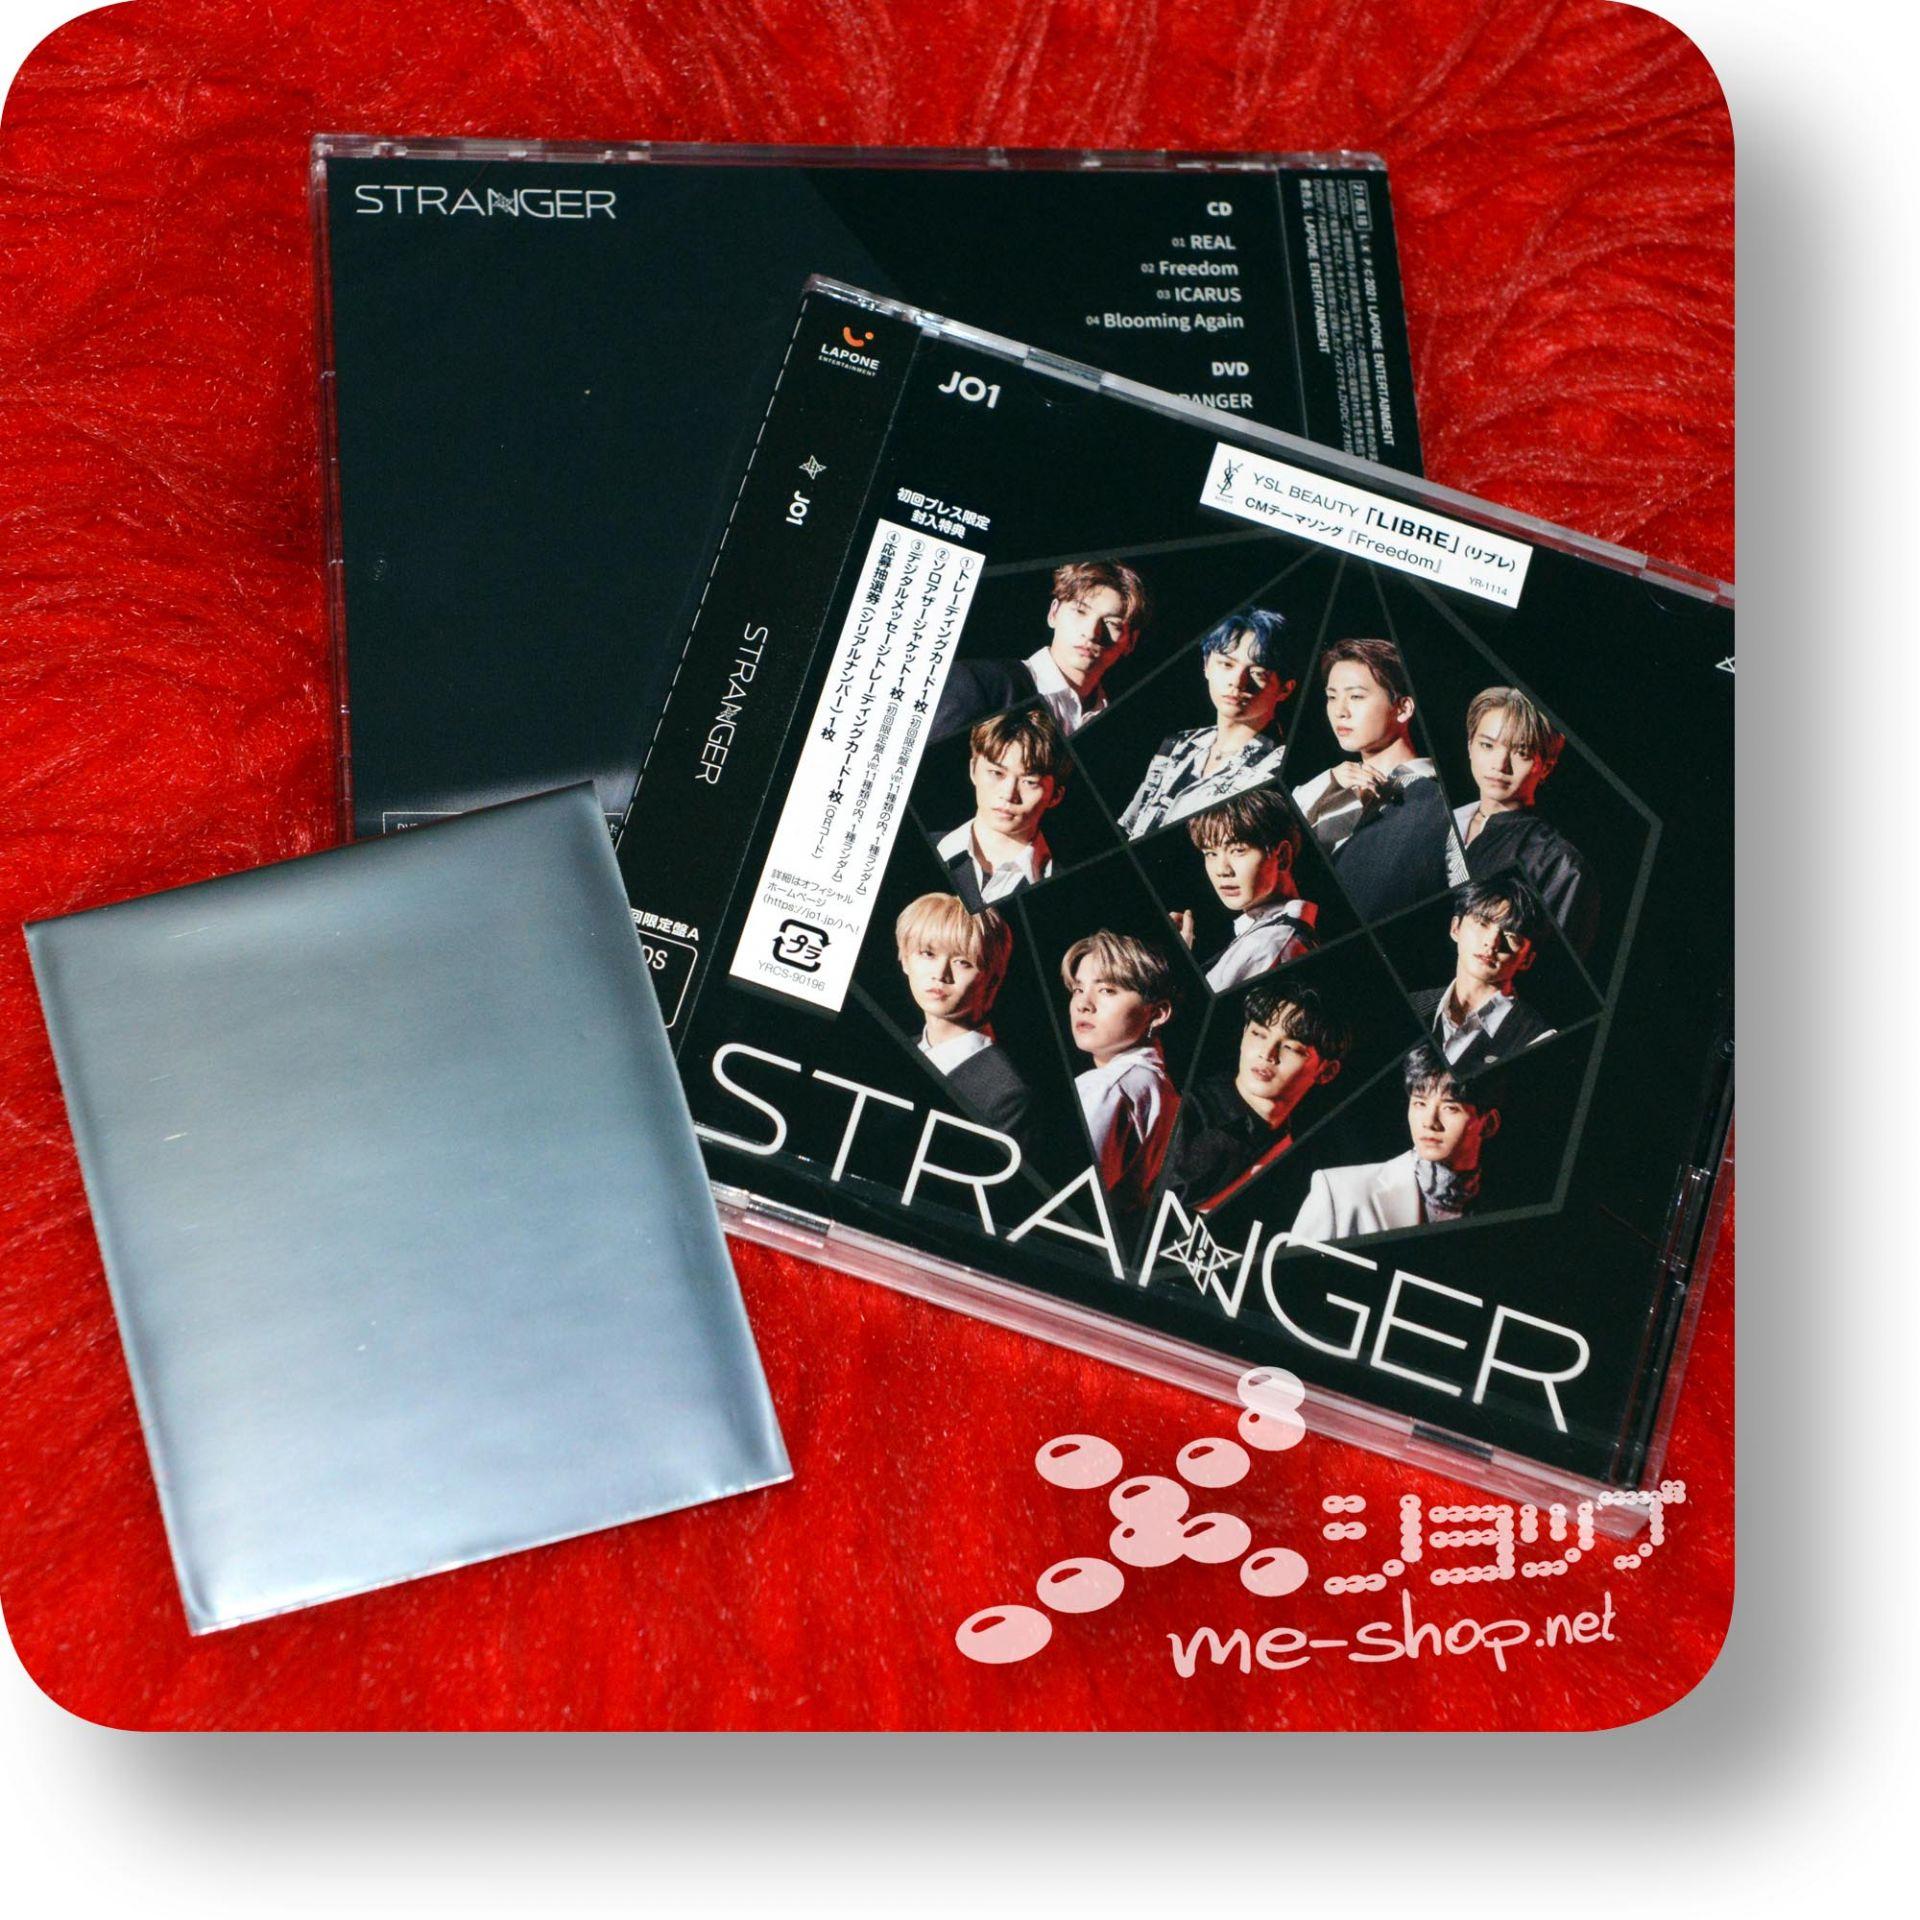 jo1 stranger cd+dvd+bonus